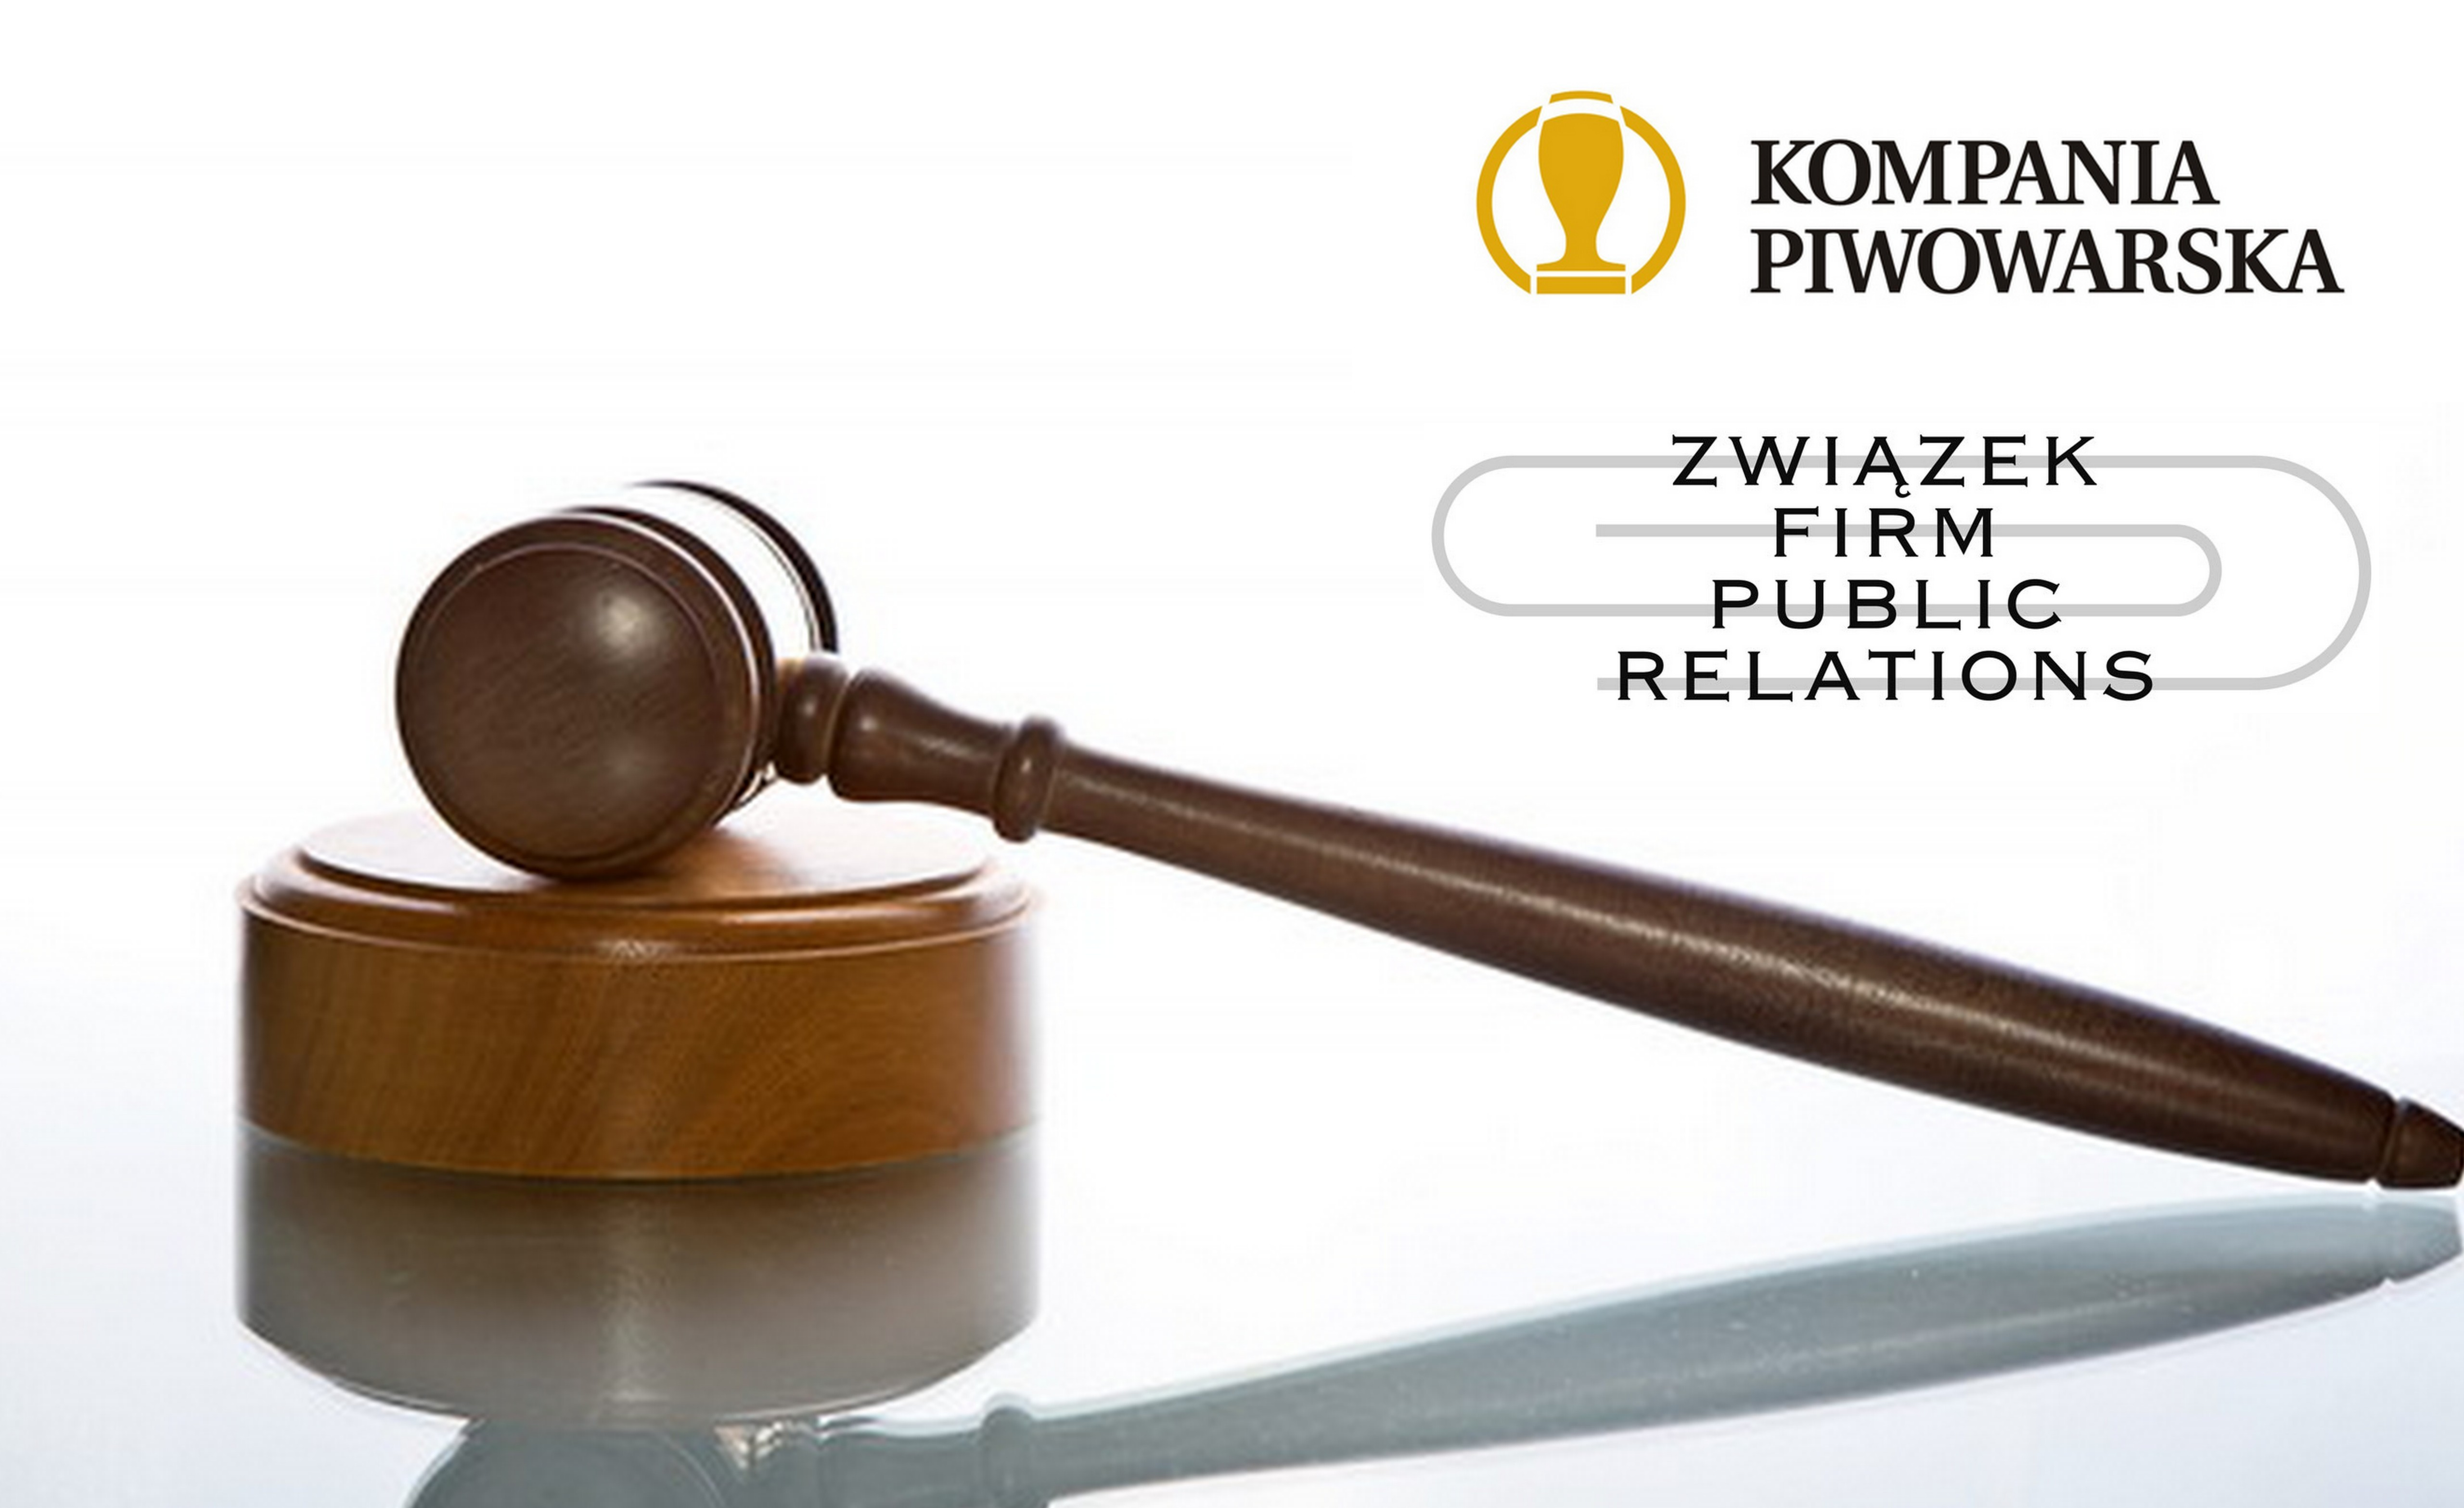 Nowe reguły przetargów na usługi Public Relations? ZFPR mediarun com kompania piwowarska zfpr